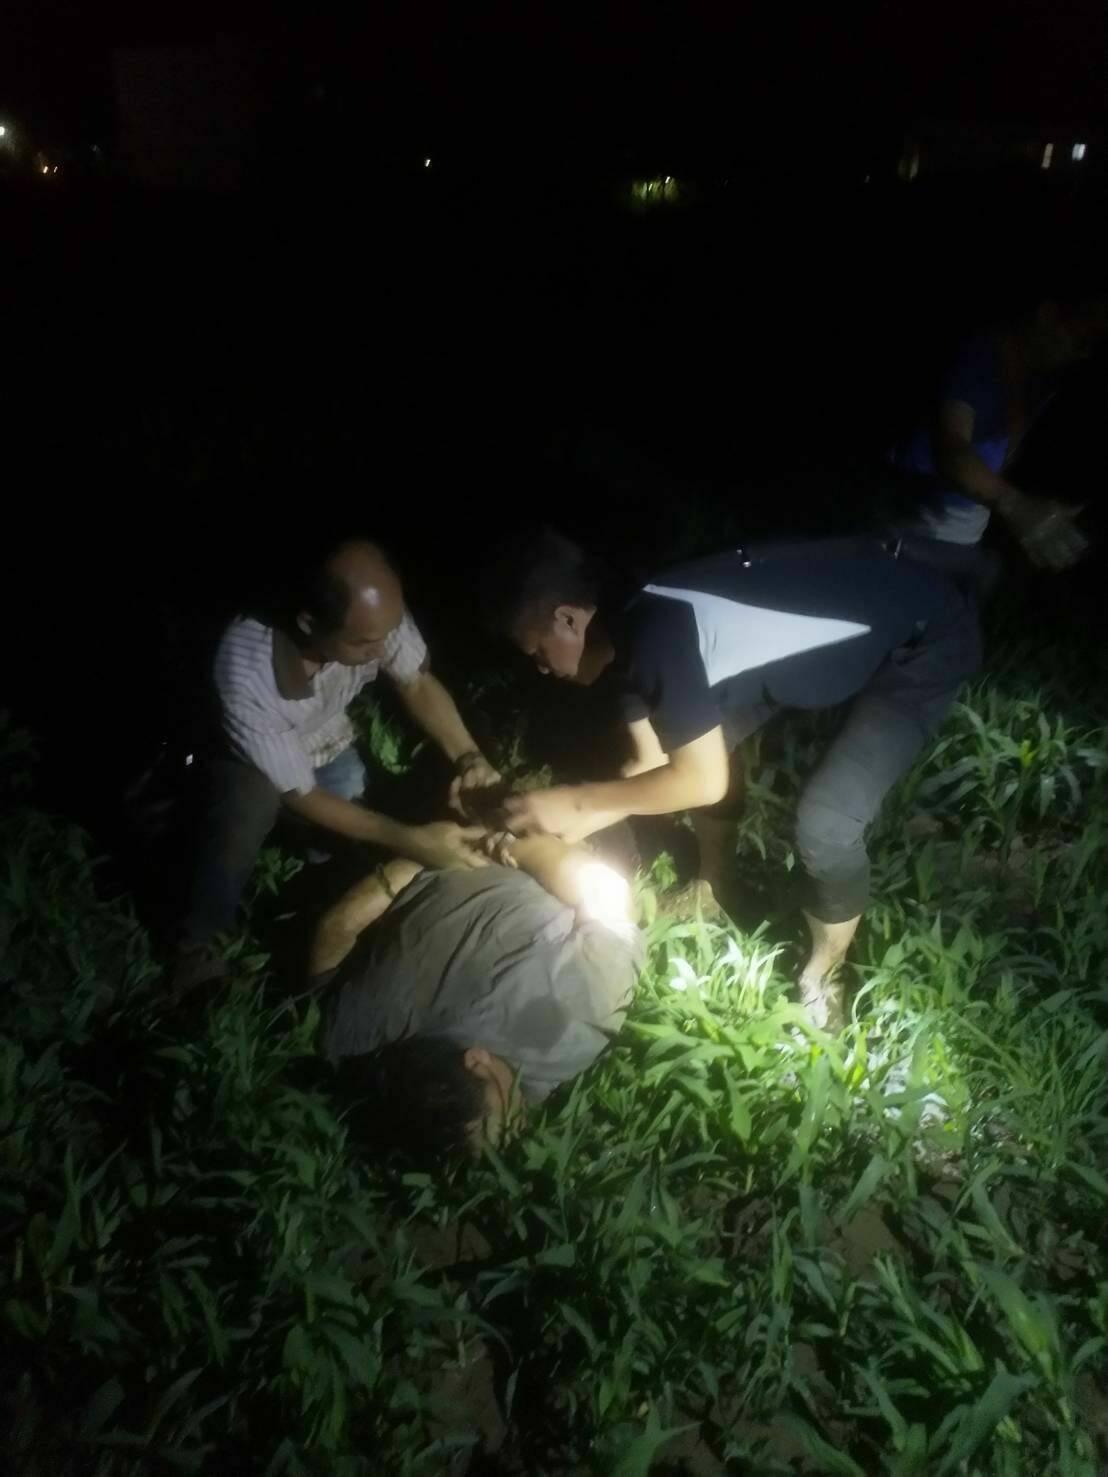 警方今天凌晨在台南歸仁的菜田逮捕周姓男子。記者林保光/翻攝